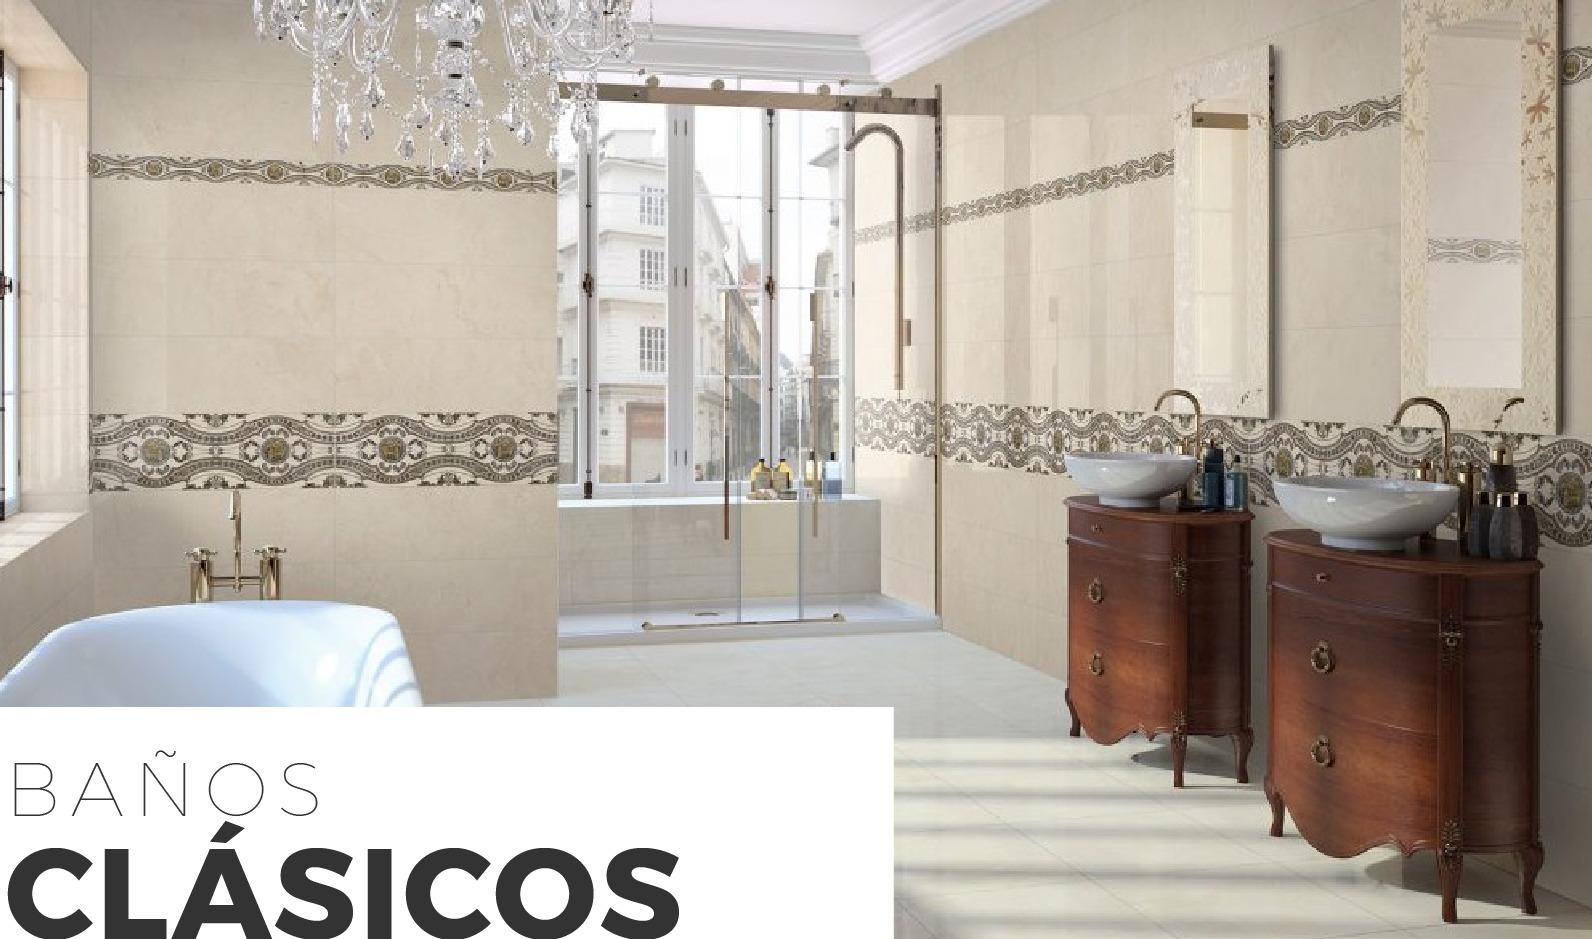 baños clasicos sevilla